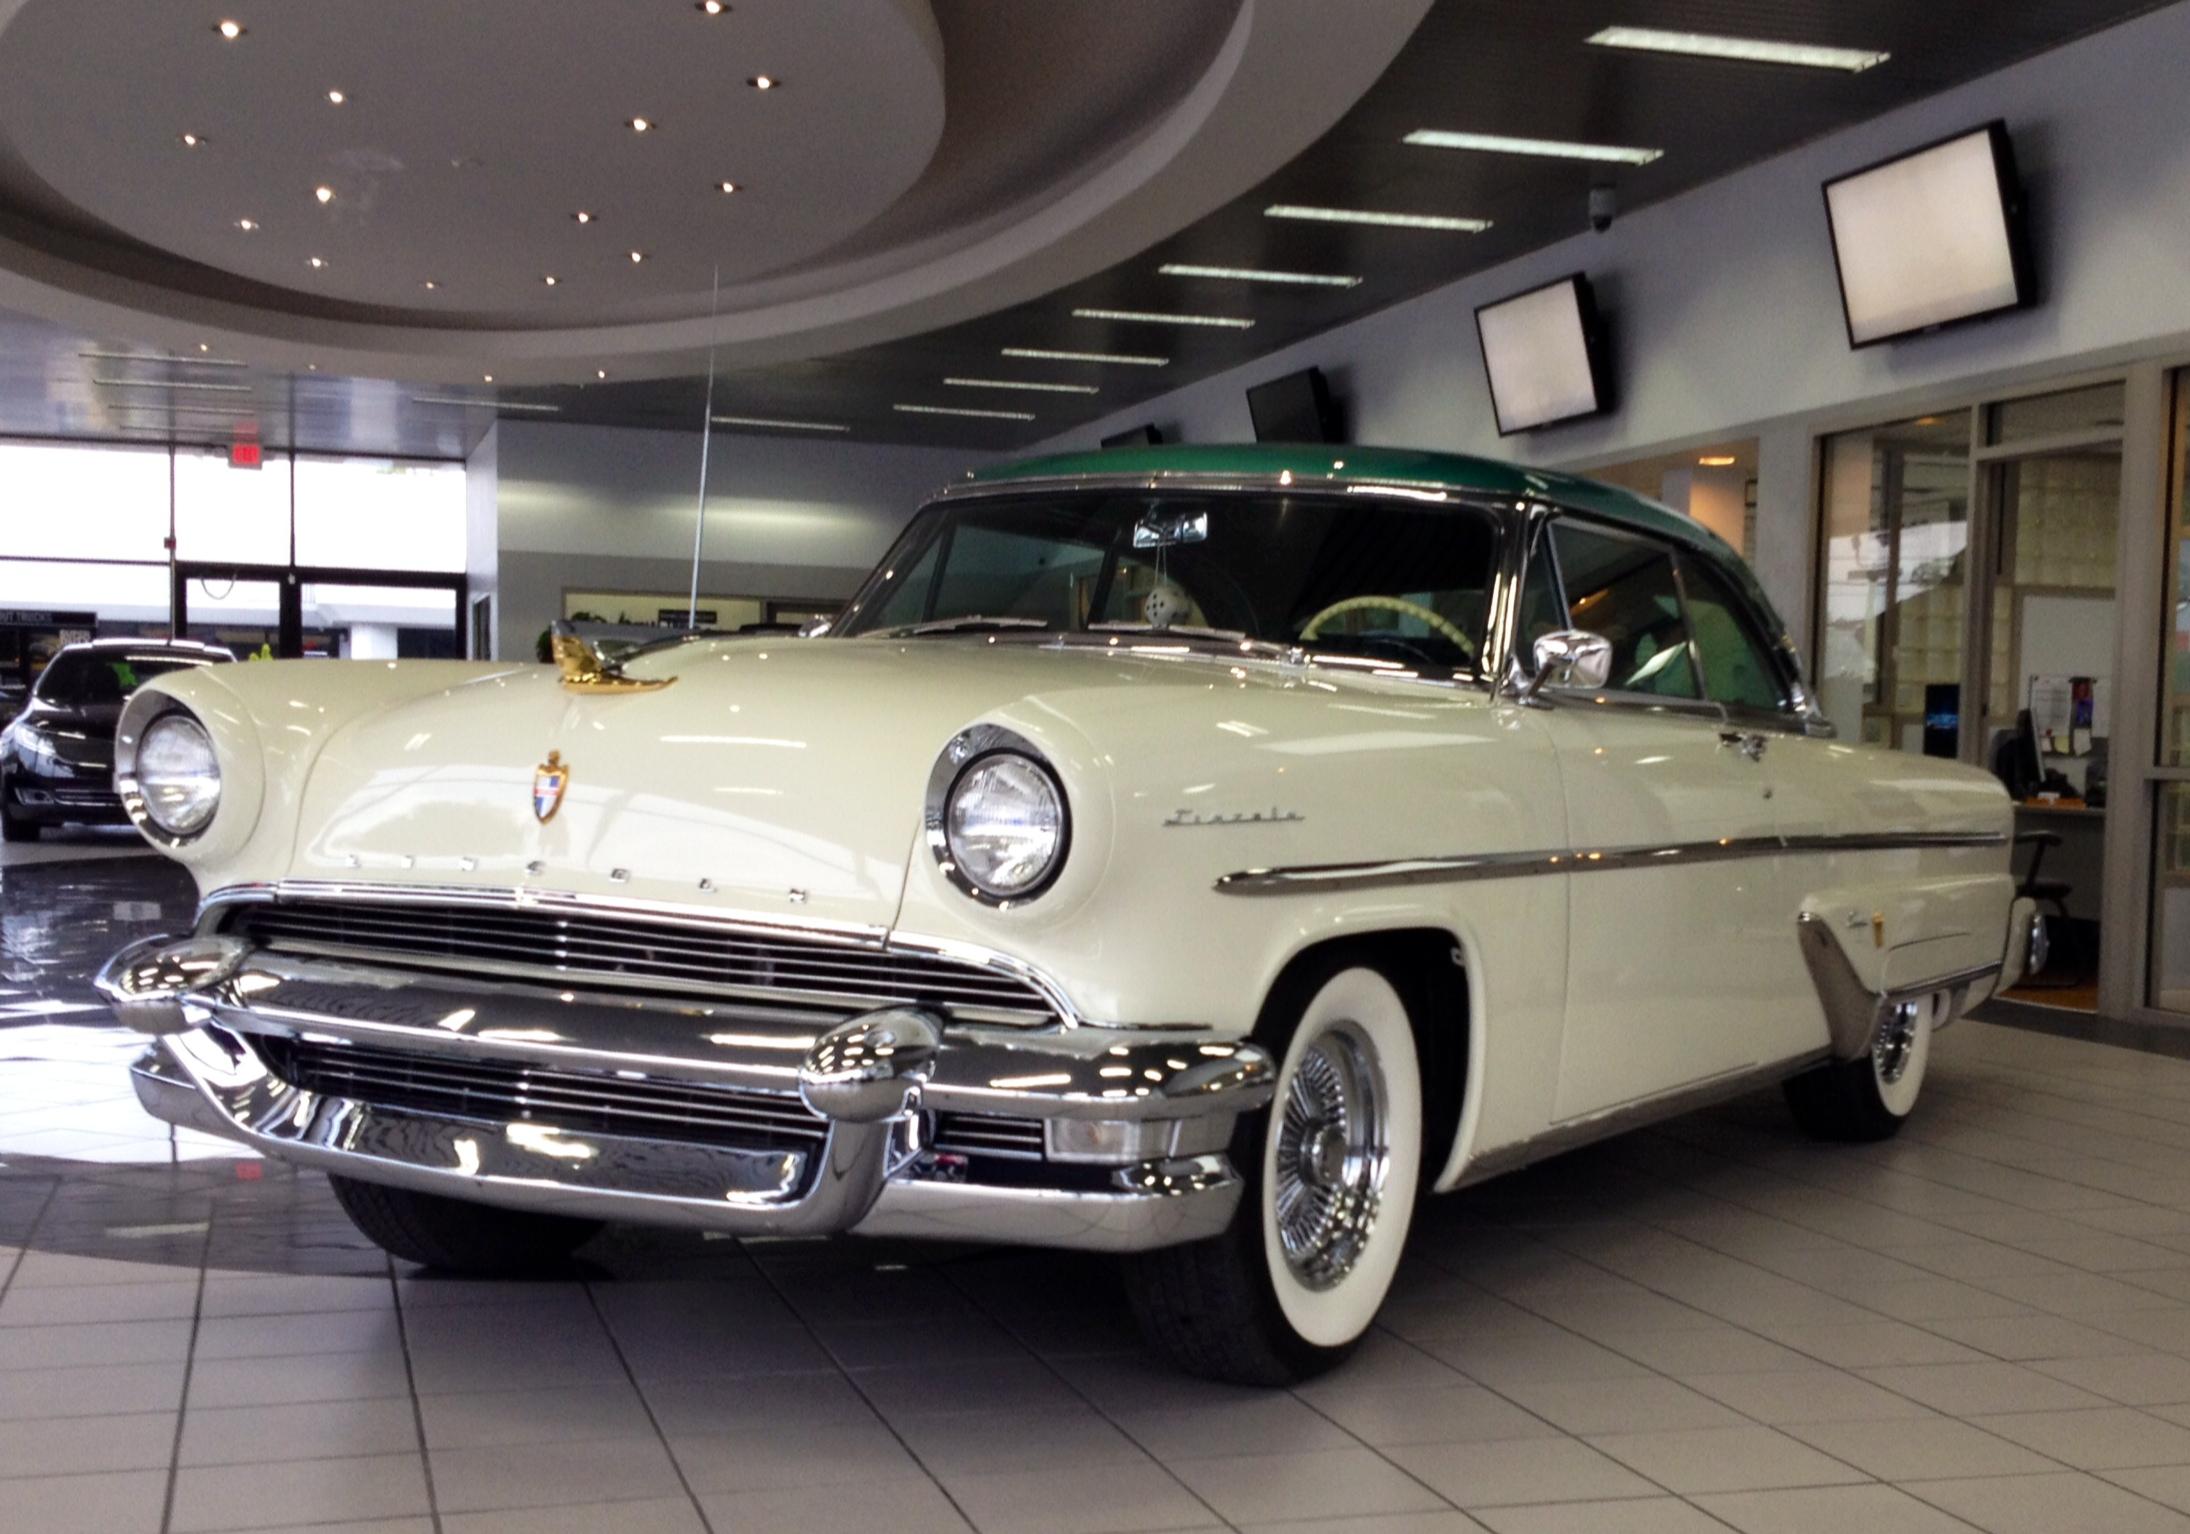 The Annapolis Car Show: 1955 Lincoln Capri | The Annapolis Car Show